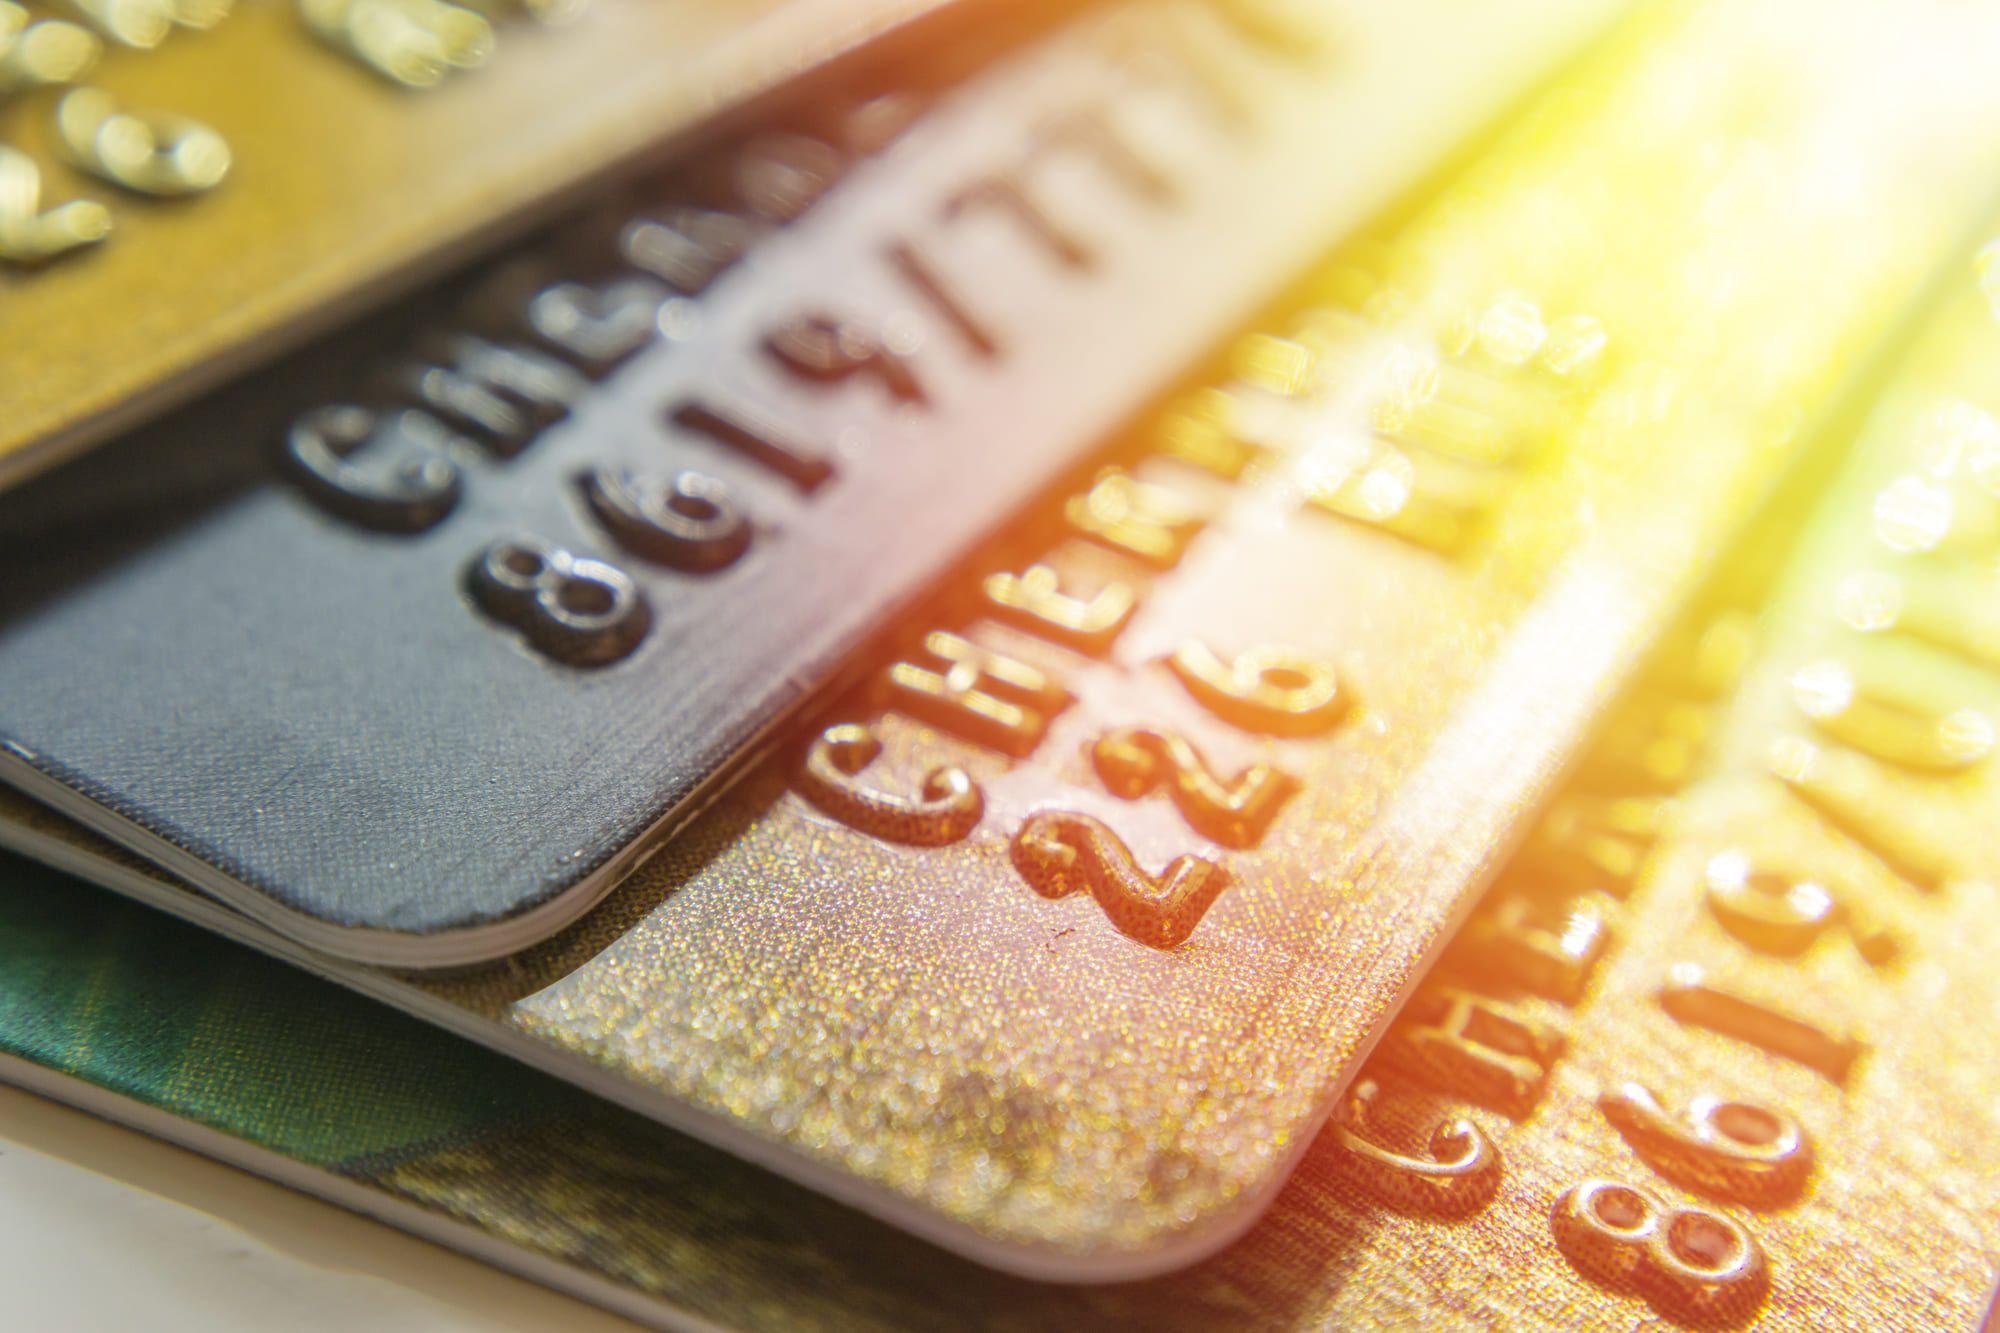 ゴールドカード人気ランキング2019年を発表!ポイント還元率やステータス性もチェック